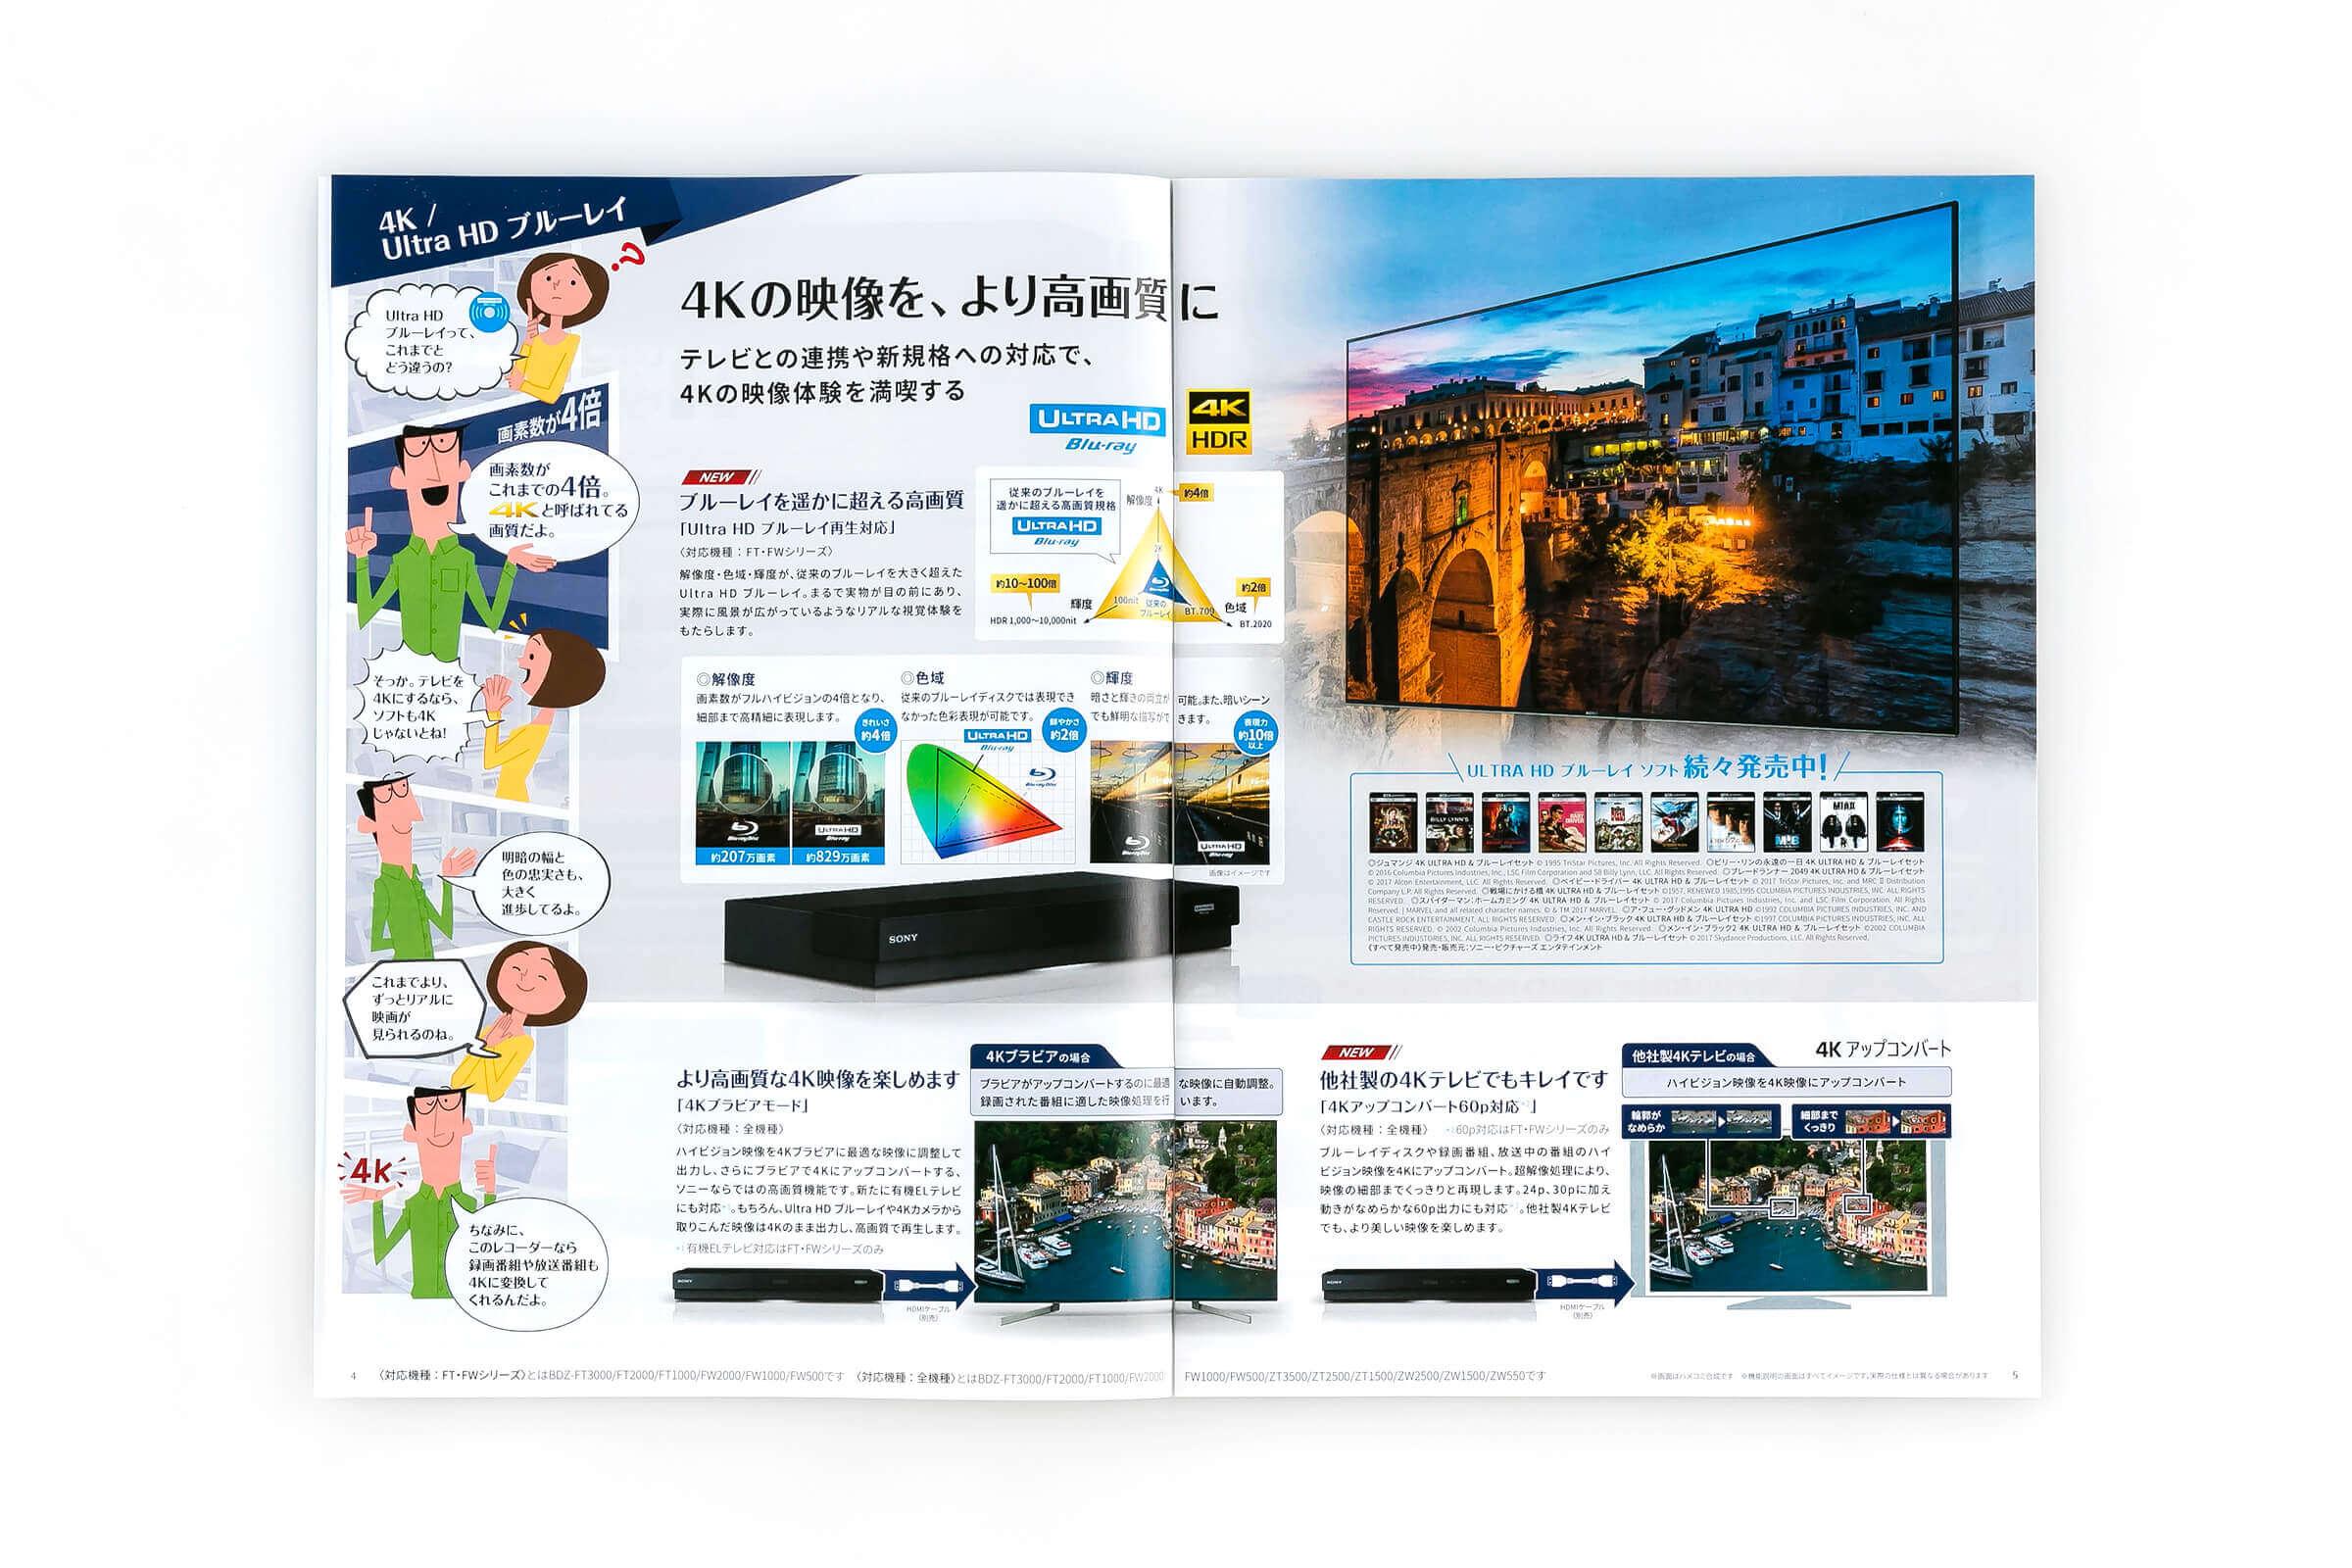 ブルーレイディスク/DVDレコーダー総合パンフレット2018年春号 4-5Ultra HD ブルーレイ紹介ページ